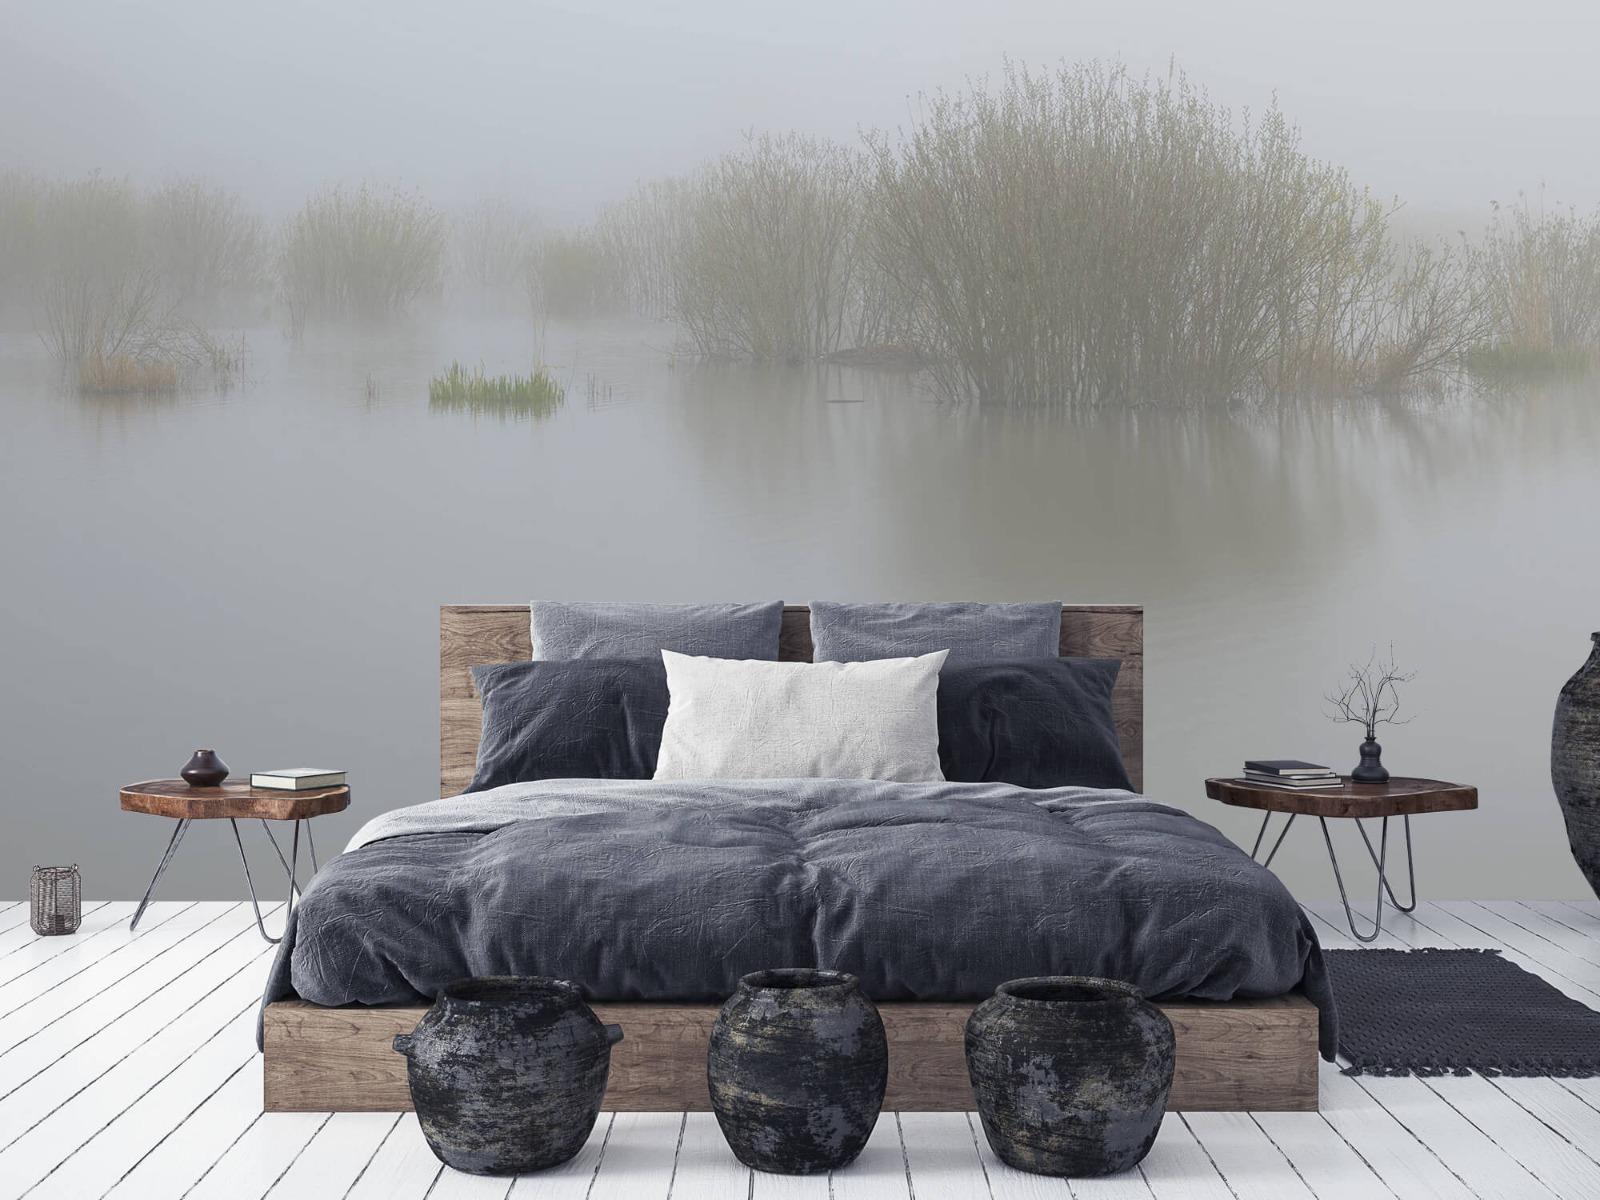 Landschap - Mist in natuurgebied - Slaapkamer 6